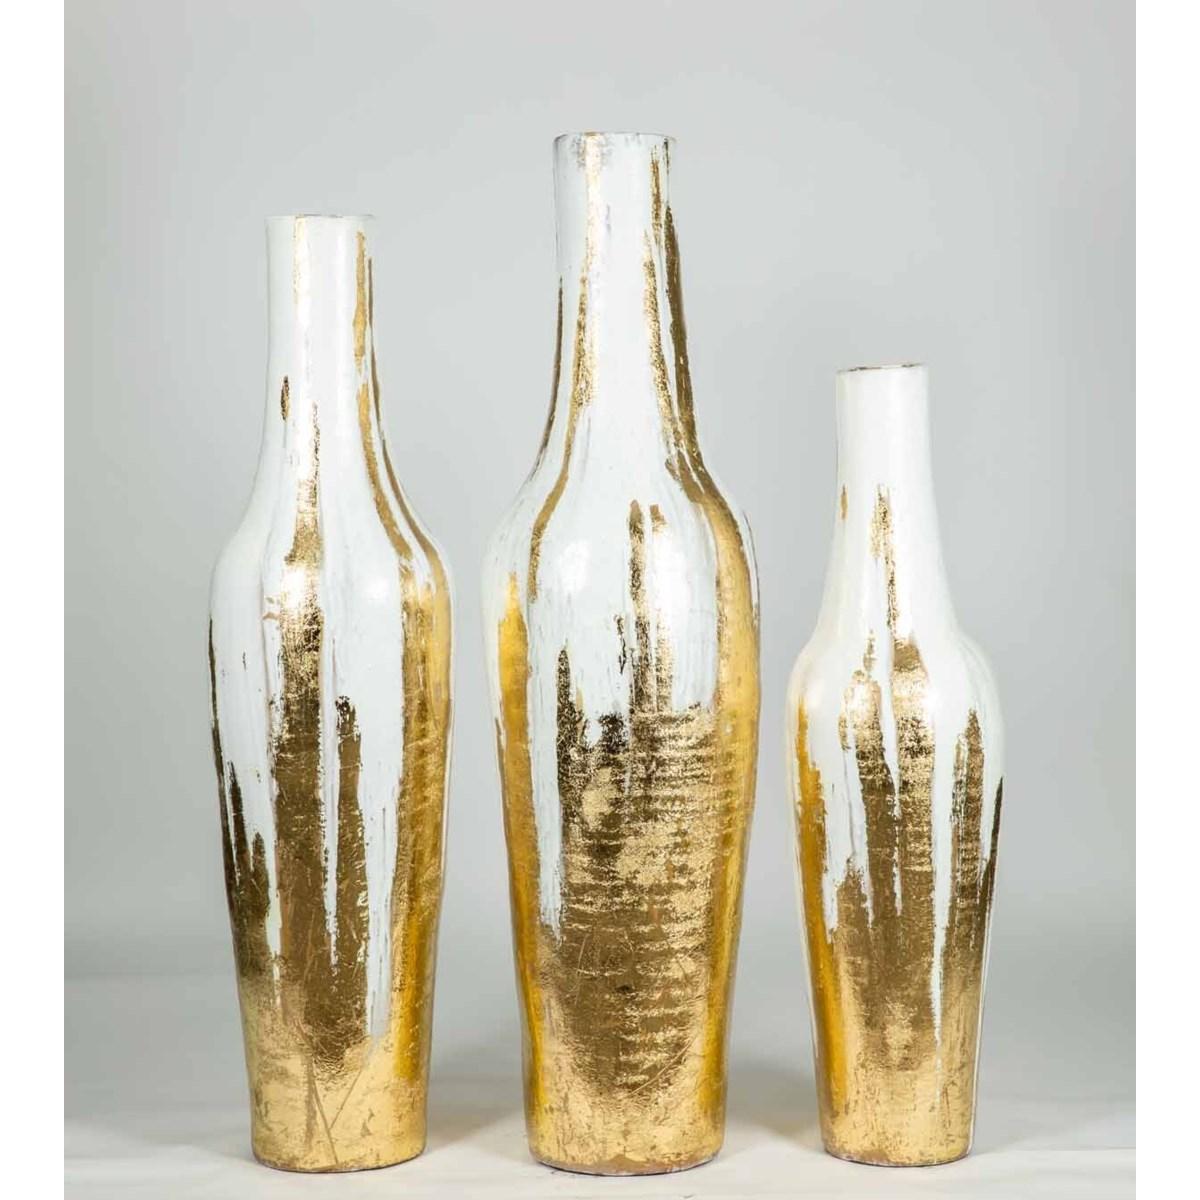 Large Floor Vase in Gold Leaf Finish